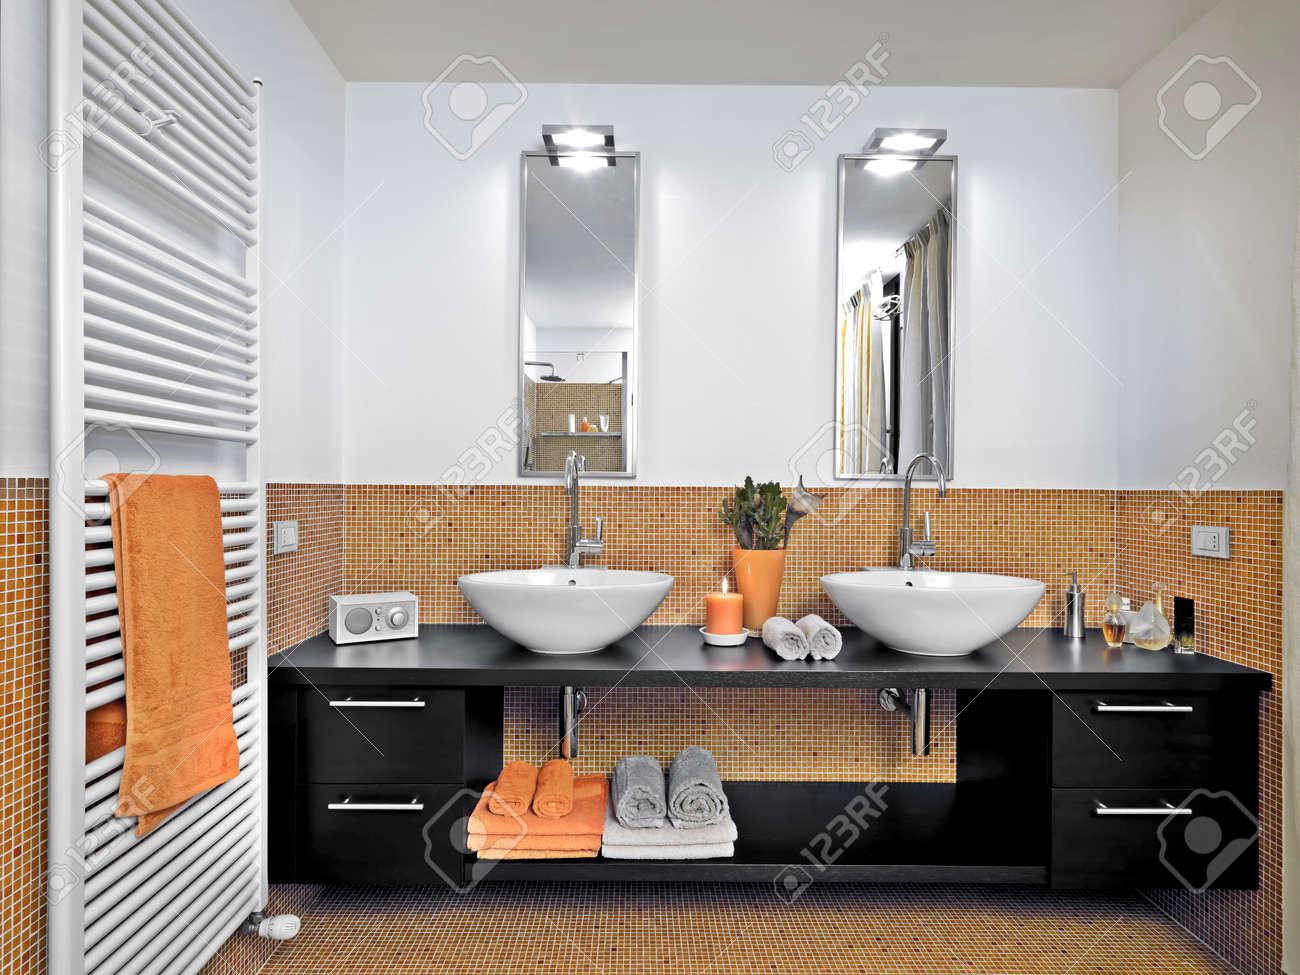 great detalle de doble washvbasin en el moderno cuarto de bao con azulejos de mosaico de - Azulejos Cuarto De Bao